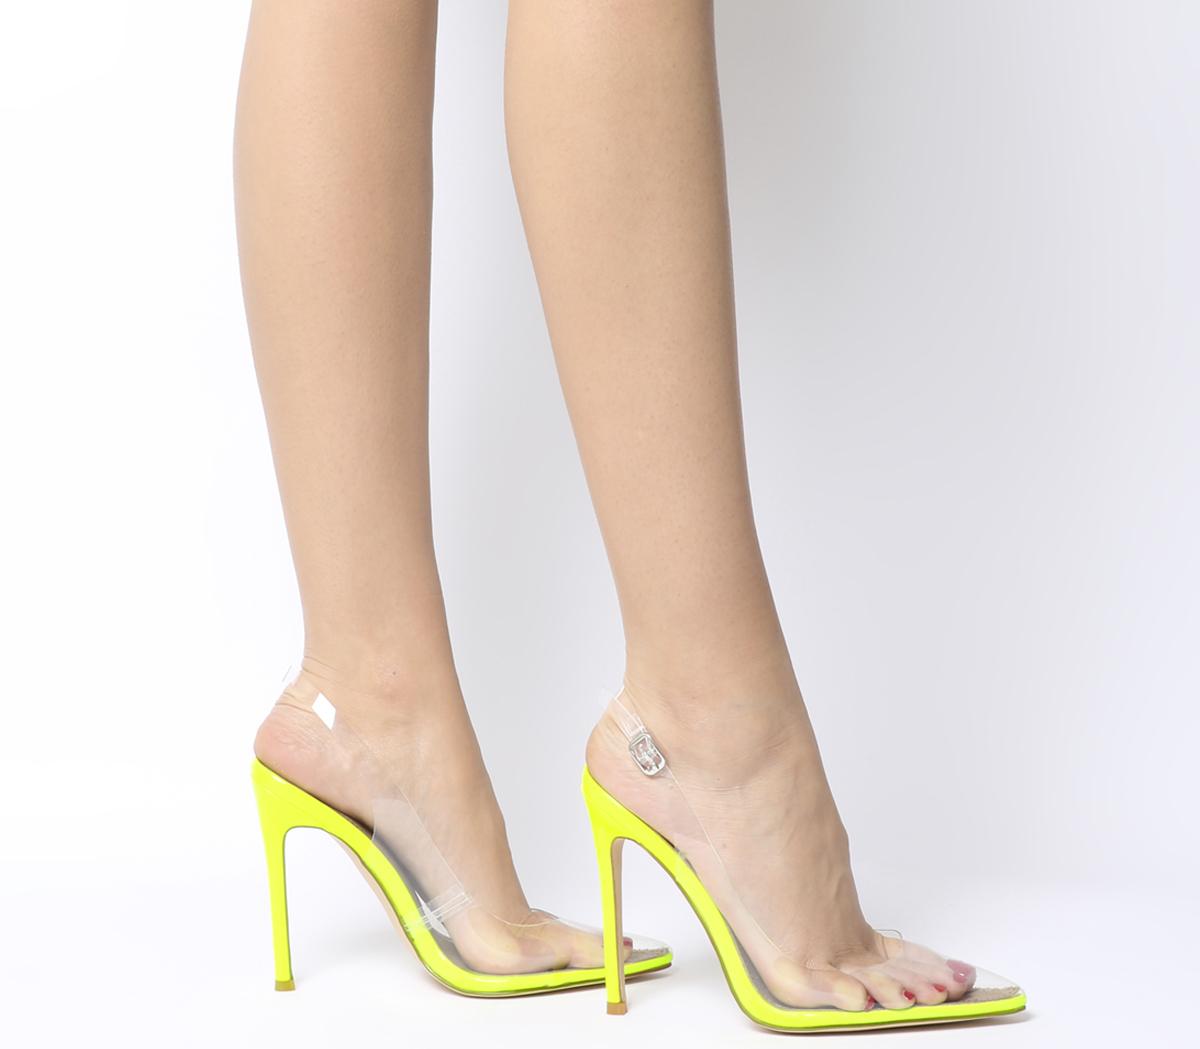 zapatos deportivos 68dee 0b074 Detalles de Mujer Zapatos De Tacón ego Sin Costuras Transparente Correa  Tribunal Tacones Amarillo Neón- ver título original